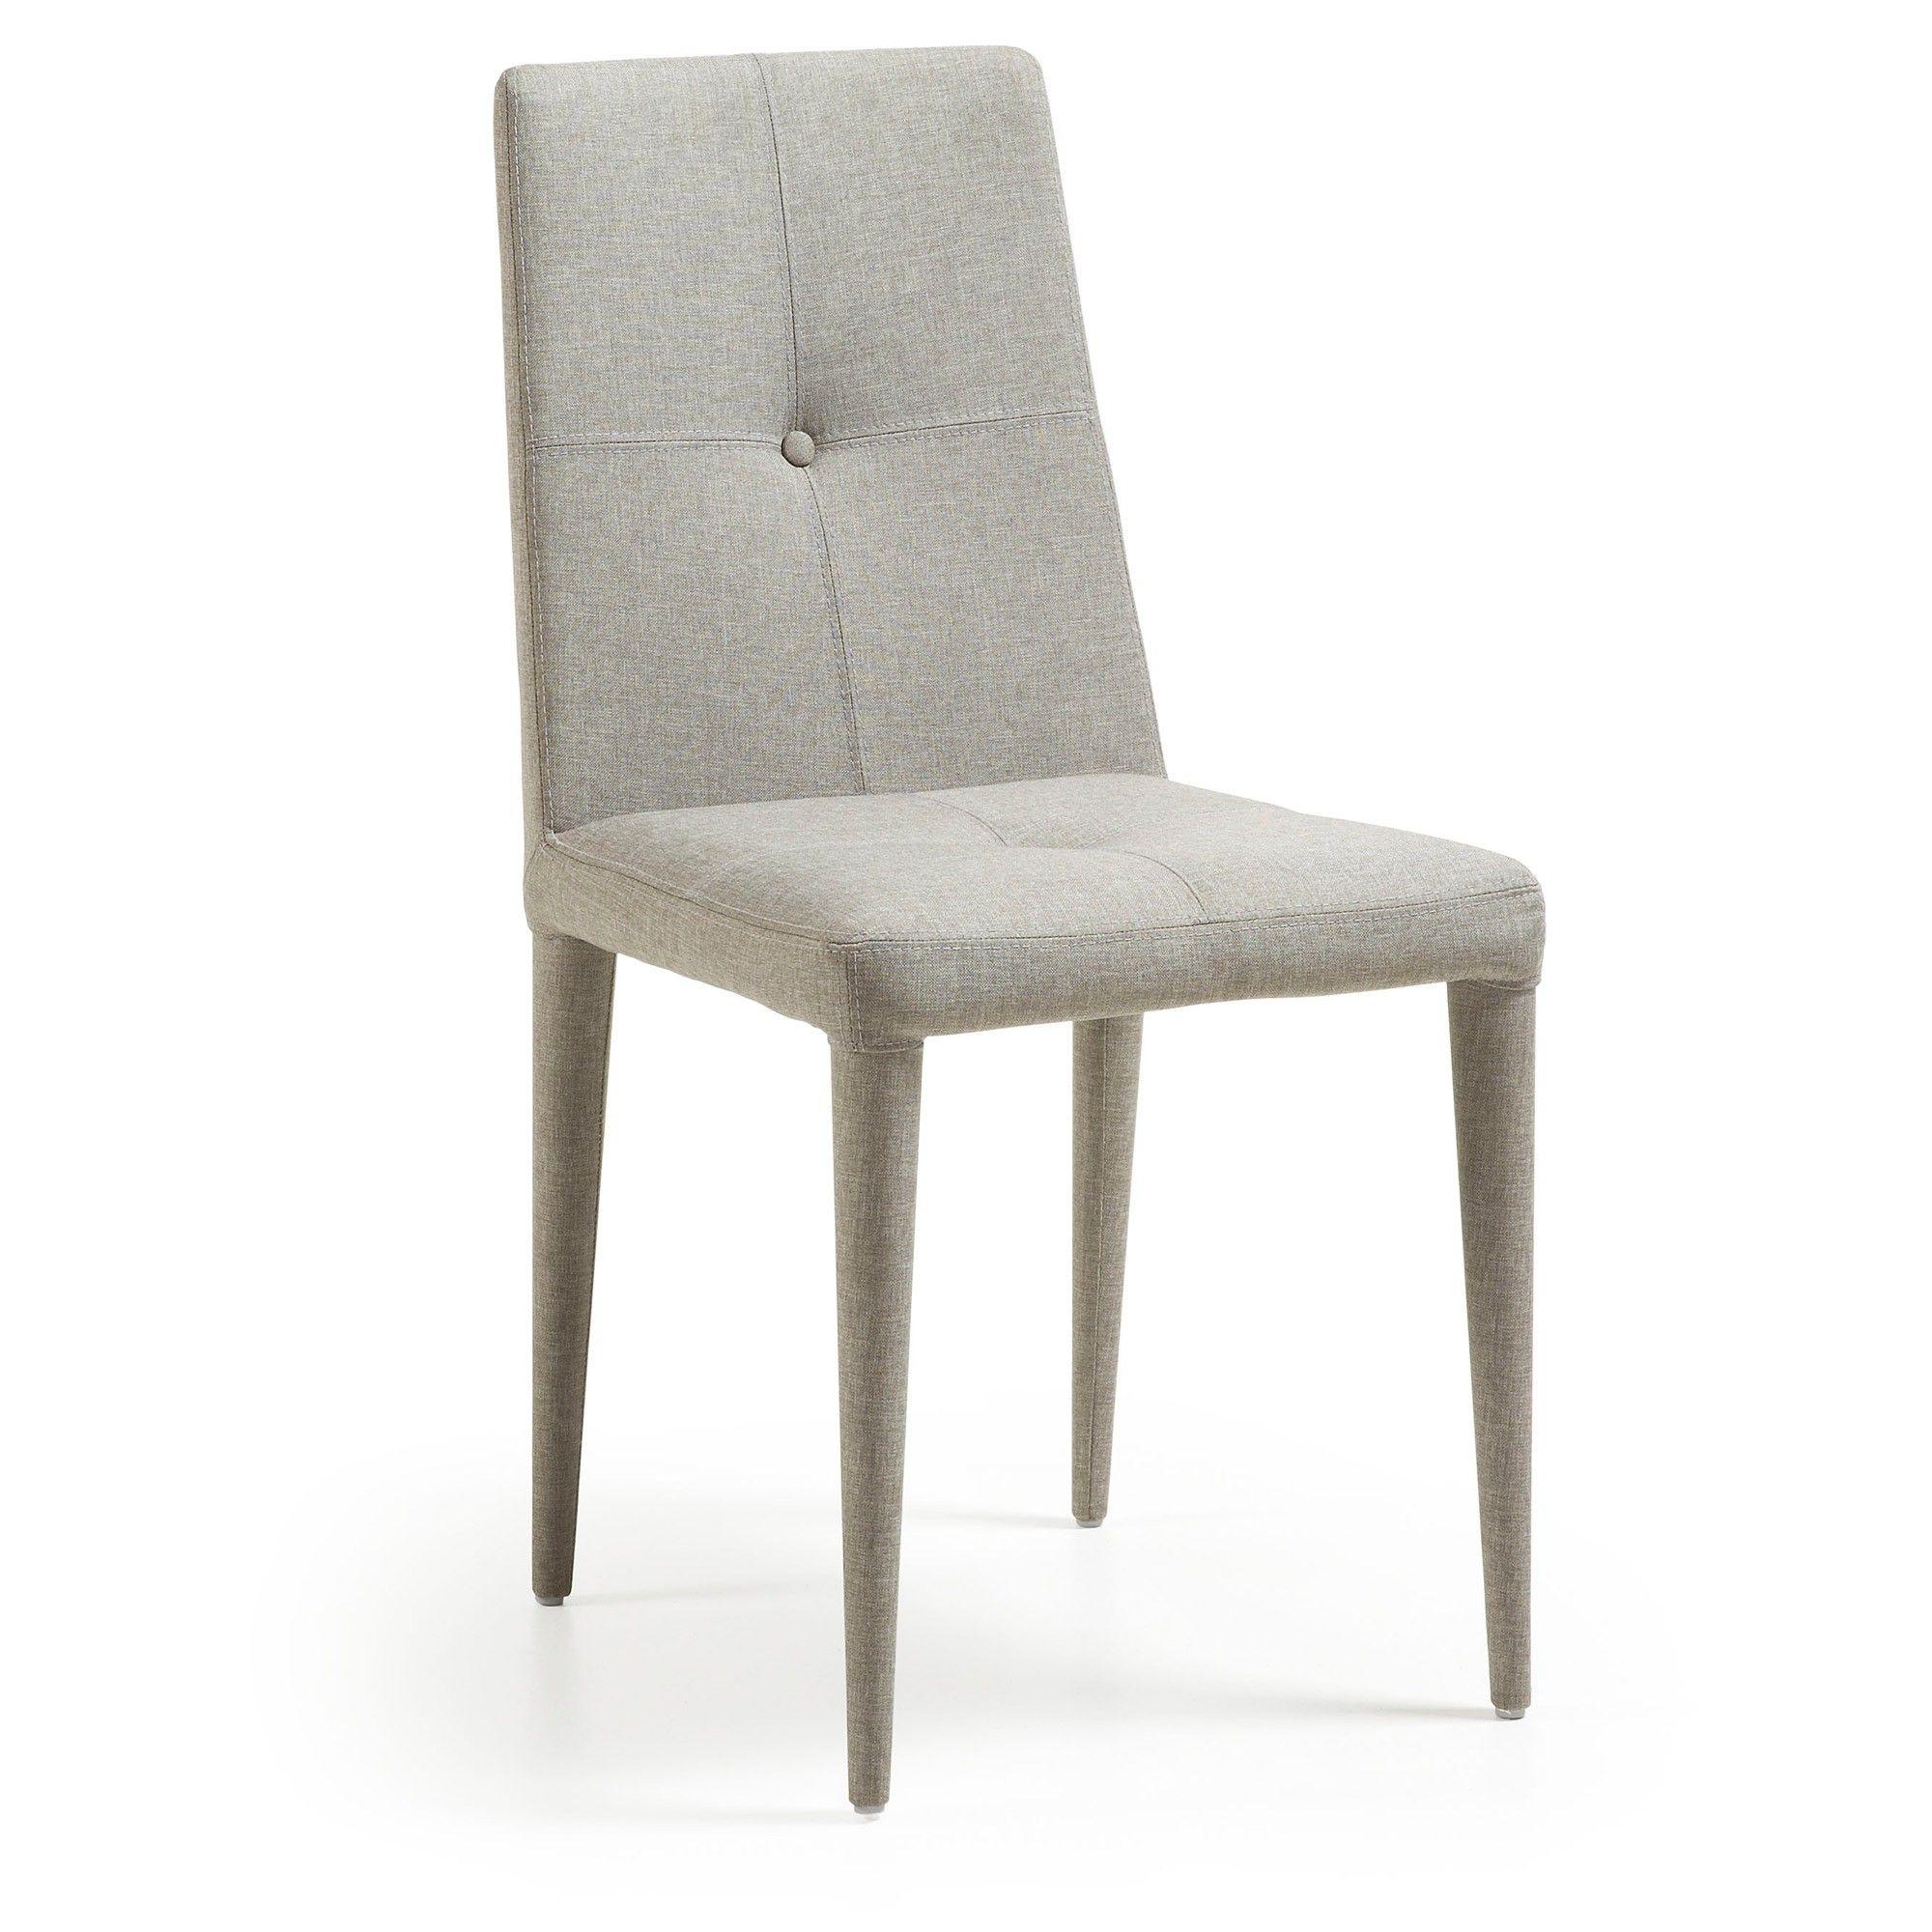 Silla cust gris claro arquitectura sillas comedor for Sillas comedor clasicas tapizadas